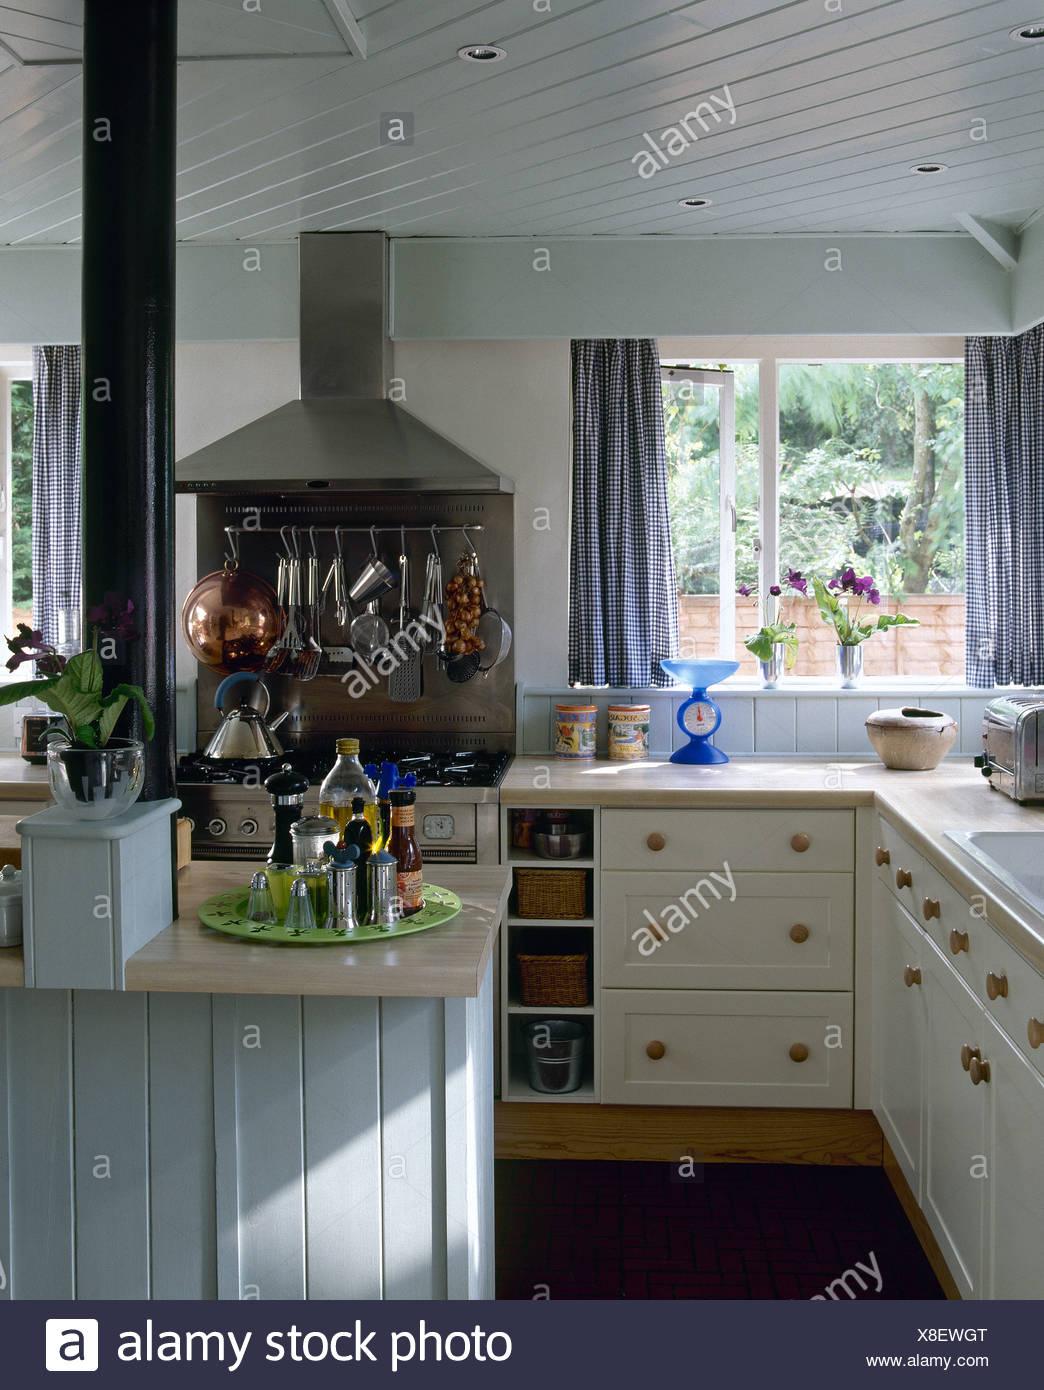 Tende blu sulla finestra in bianco cottage cucina con rack degli ...